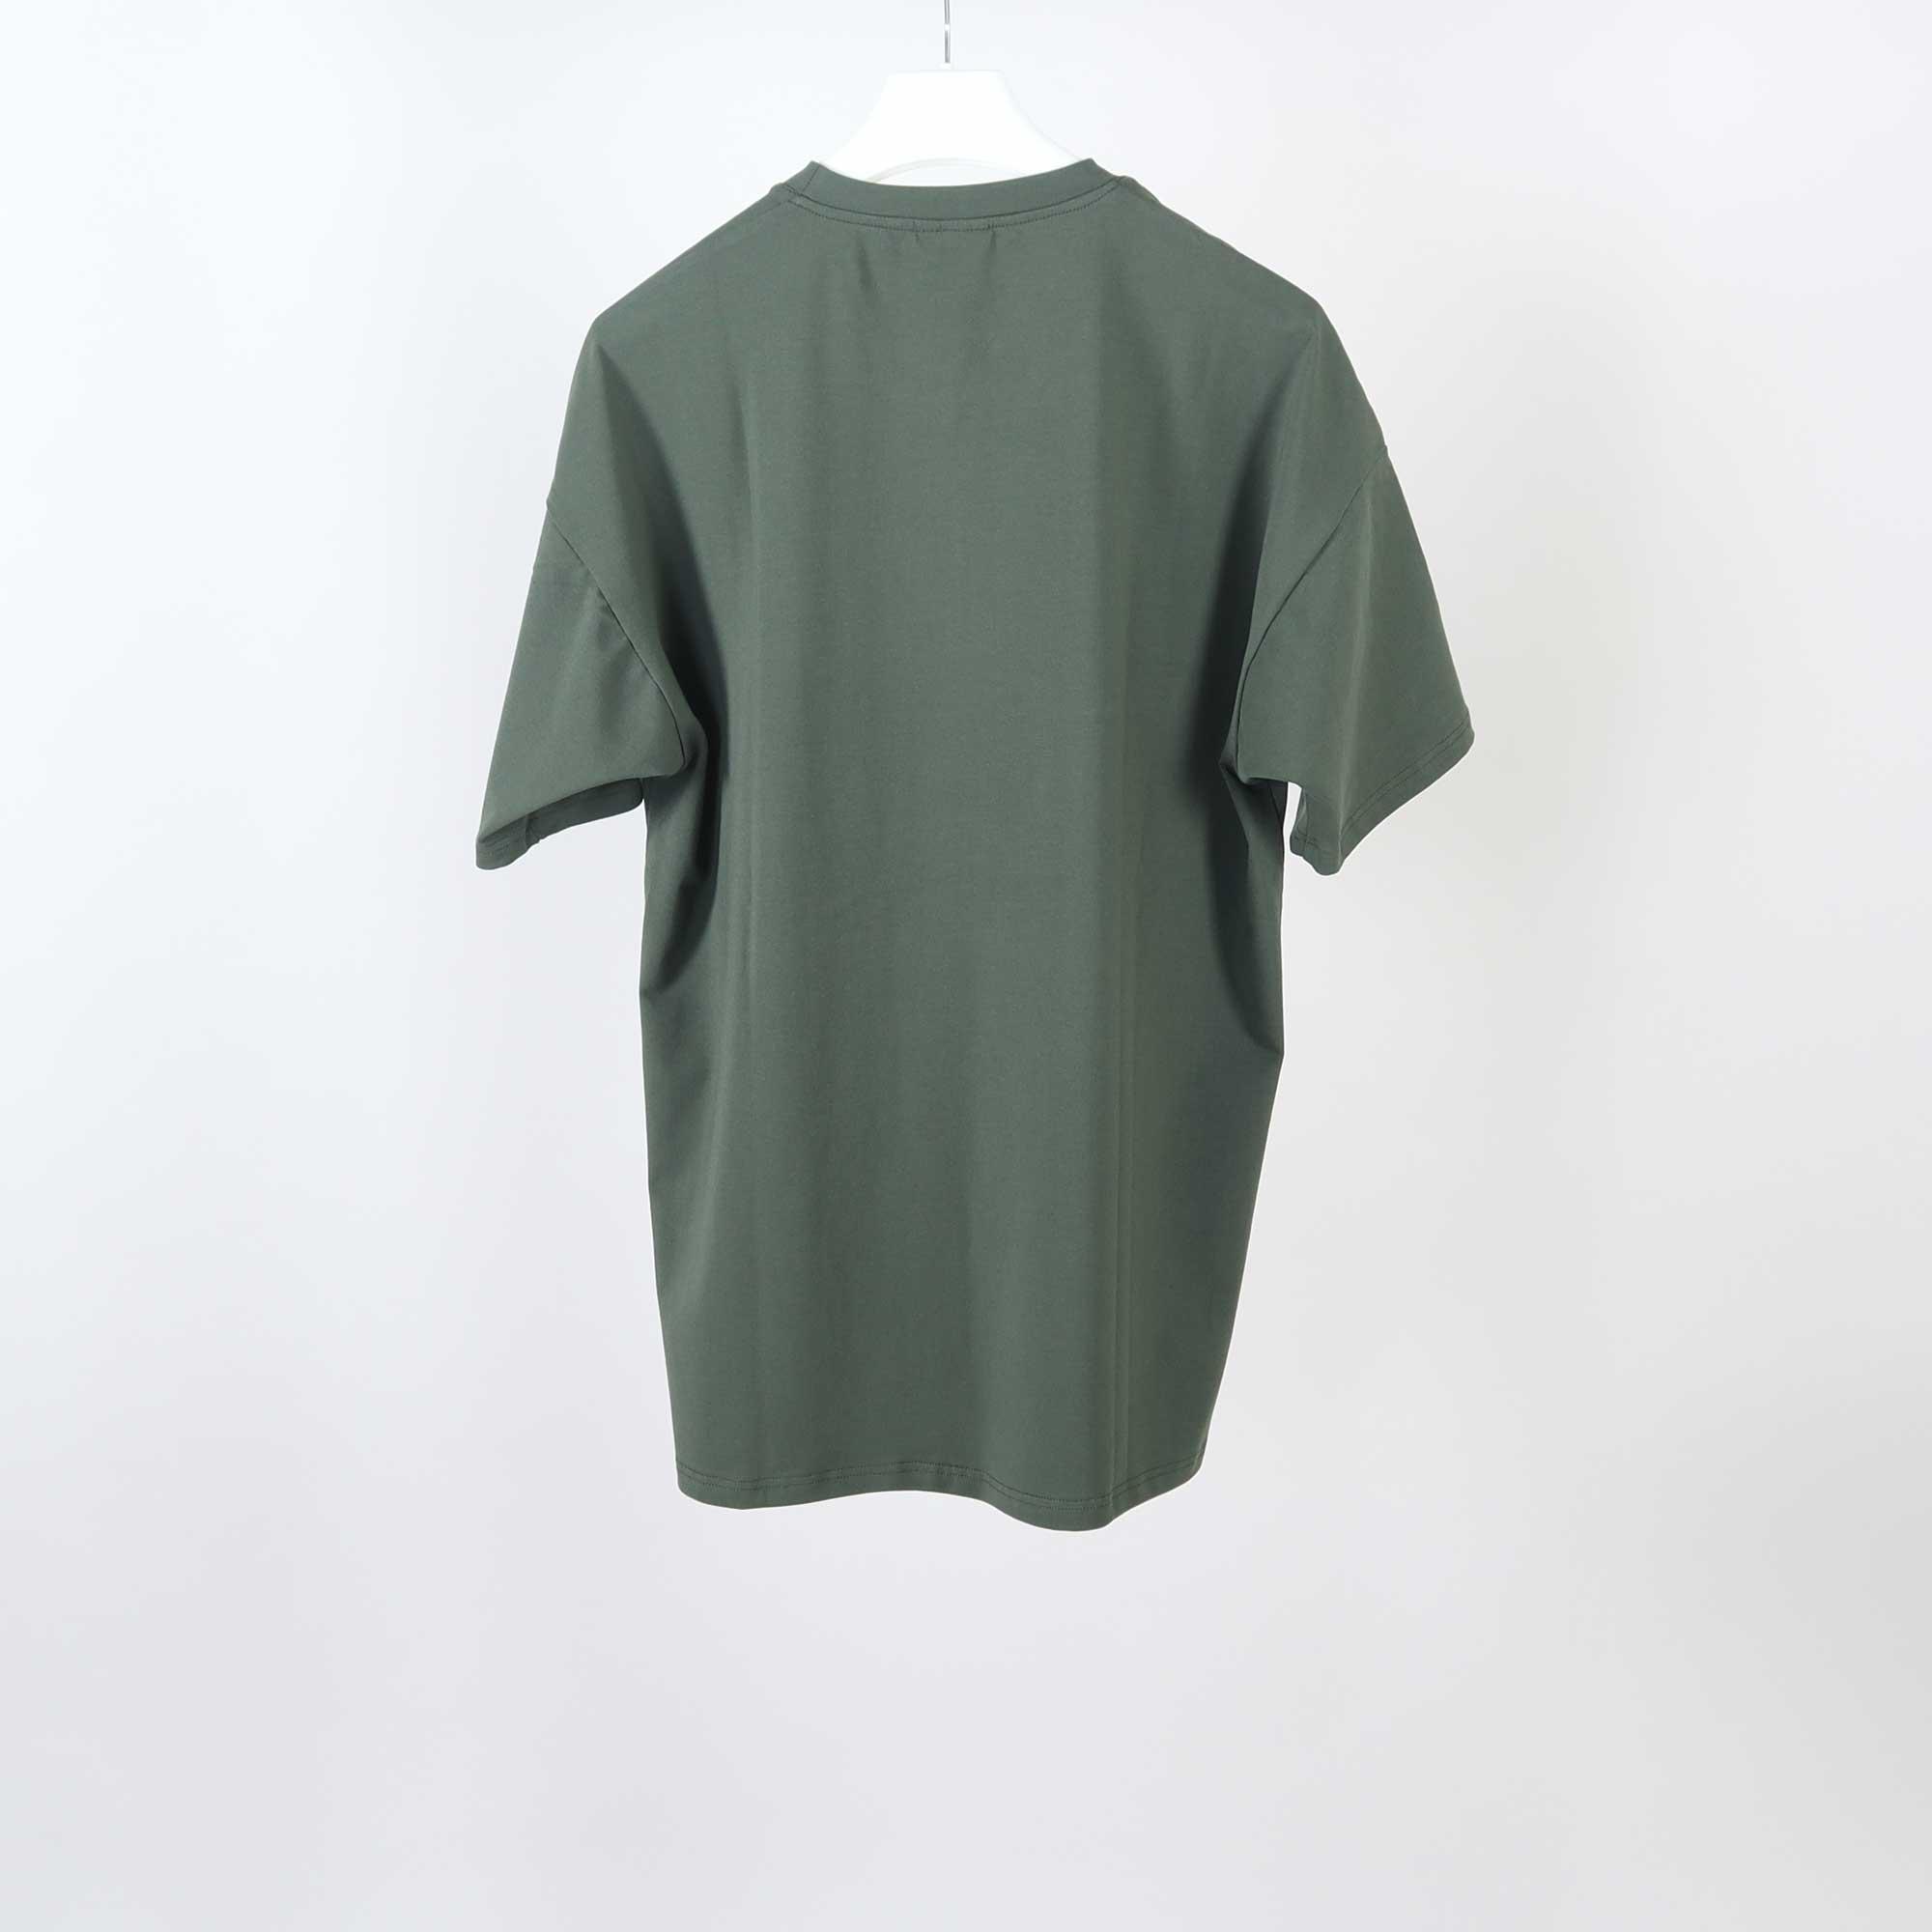 drop-groen-8